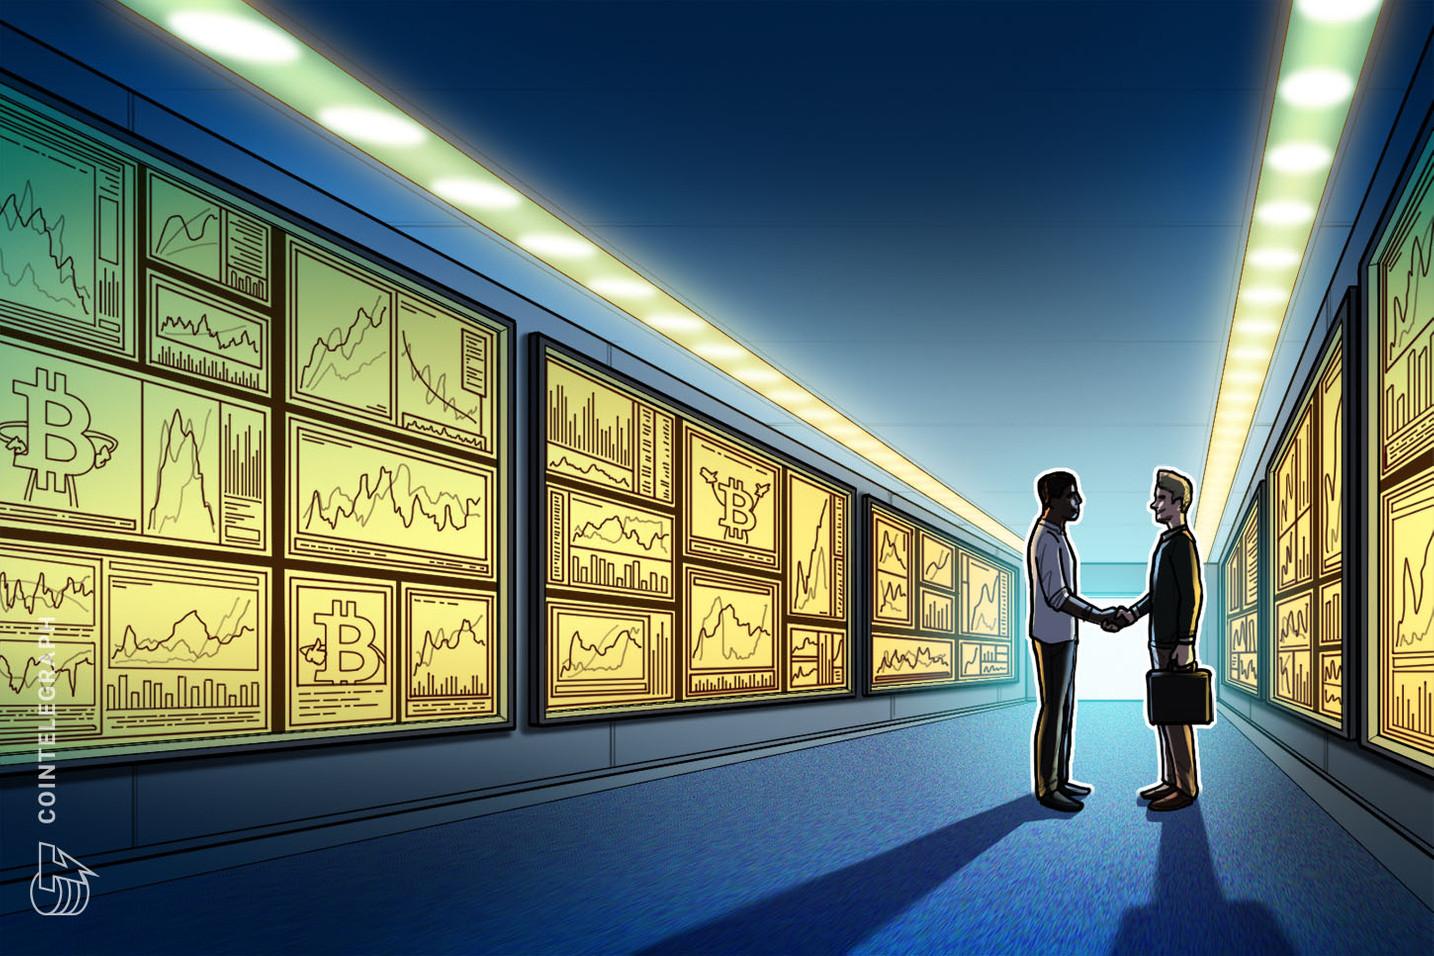 ¿Bitcoin demostró ser una reserva de valor fiable en 2020? Los expertos responden